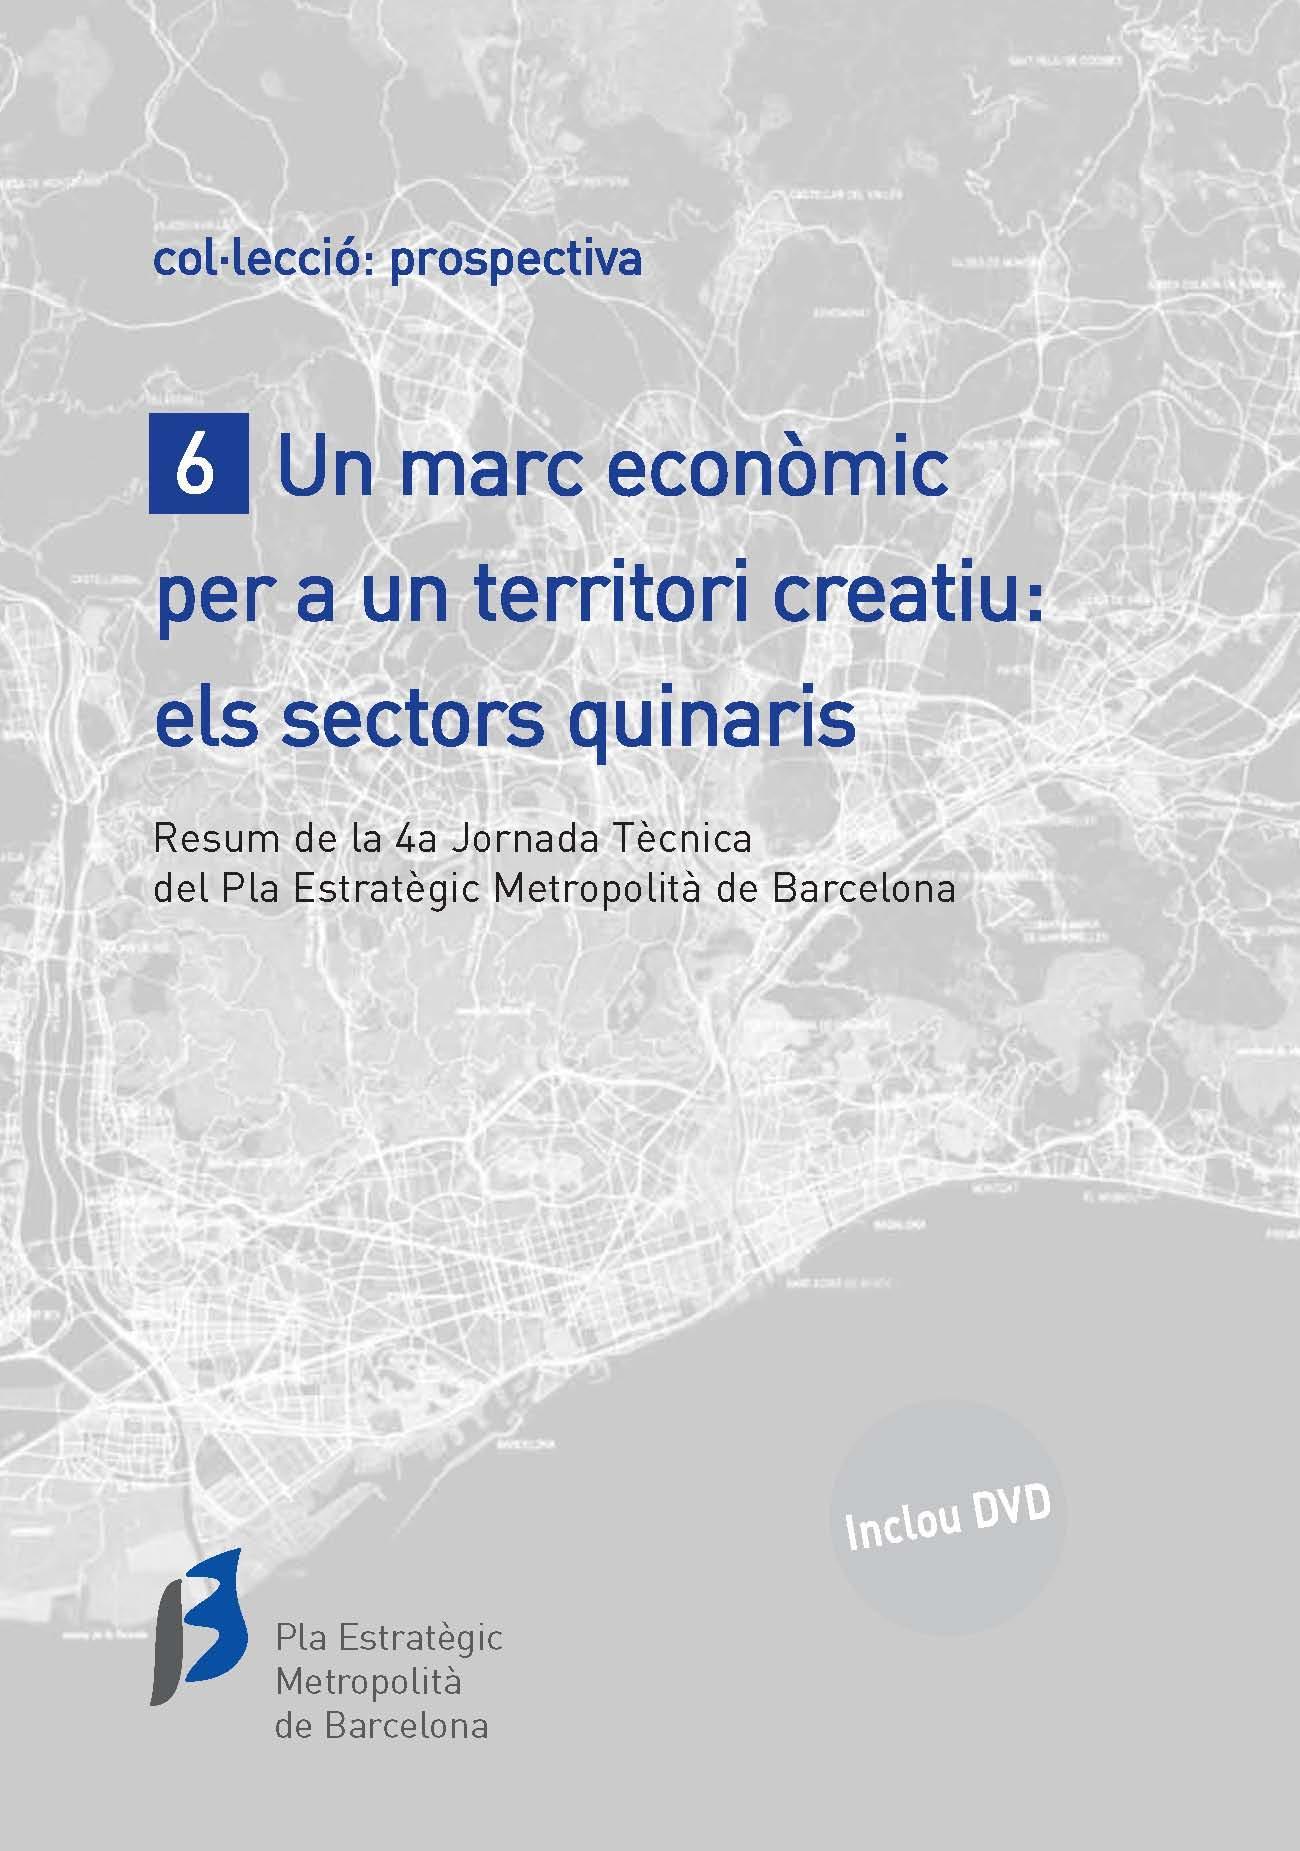 Un marc econòmic per a un territori creatiu: Els sectors quinaris